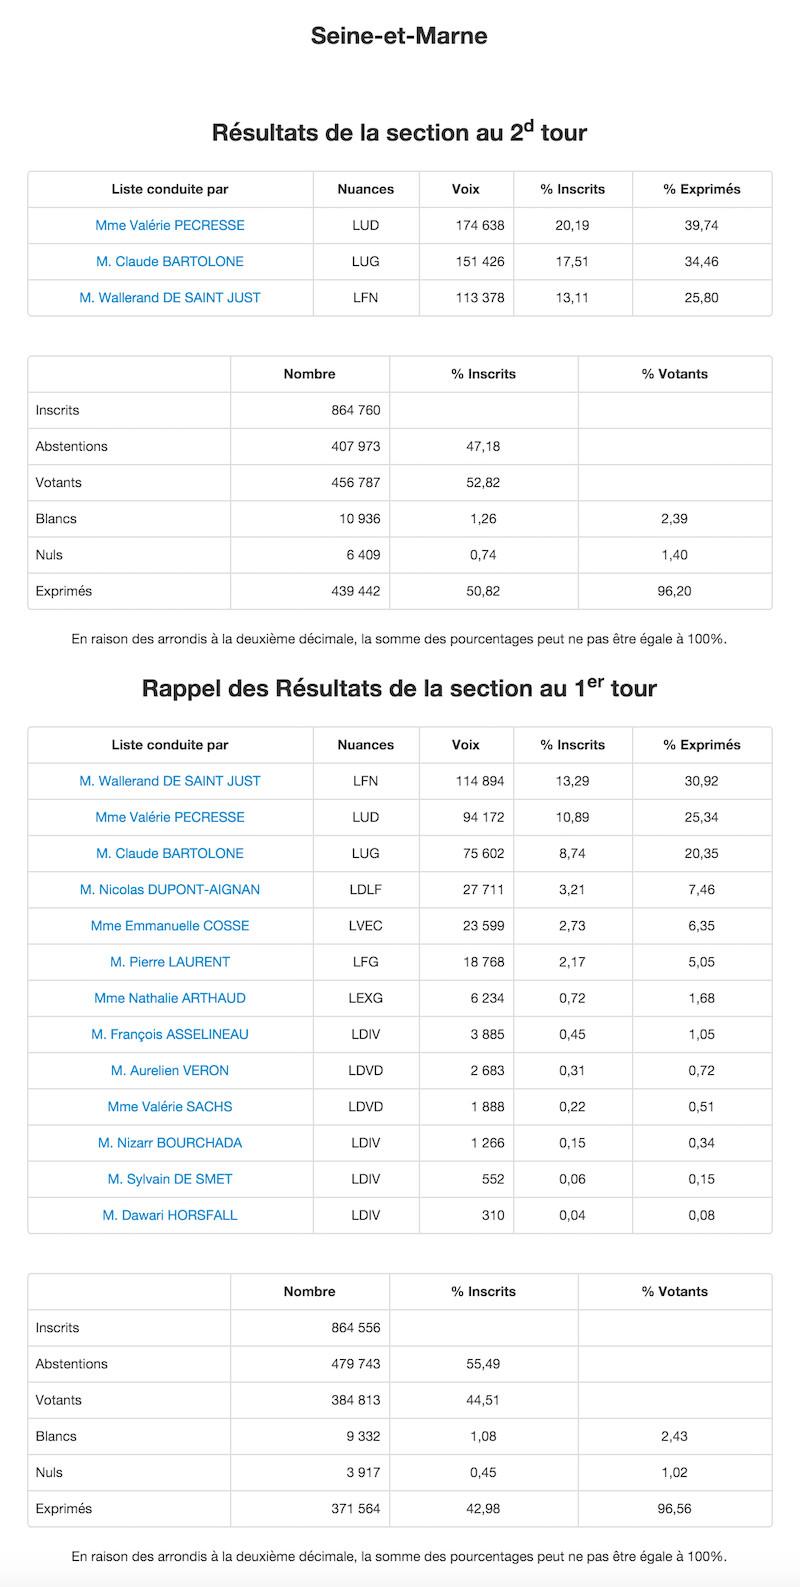 Régionales 2015 - 2nd et 1er tour dans la Seine et Marne © Ministère de l'Intérieur